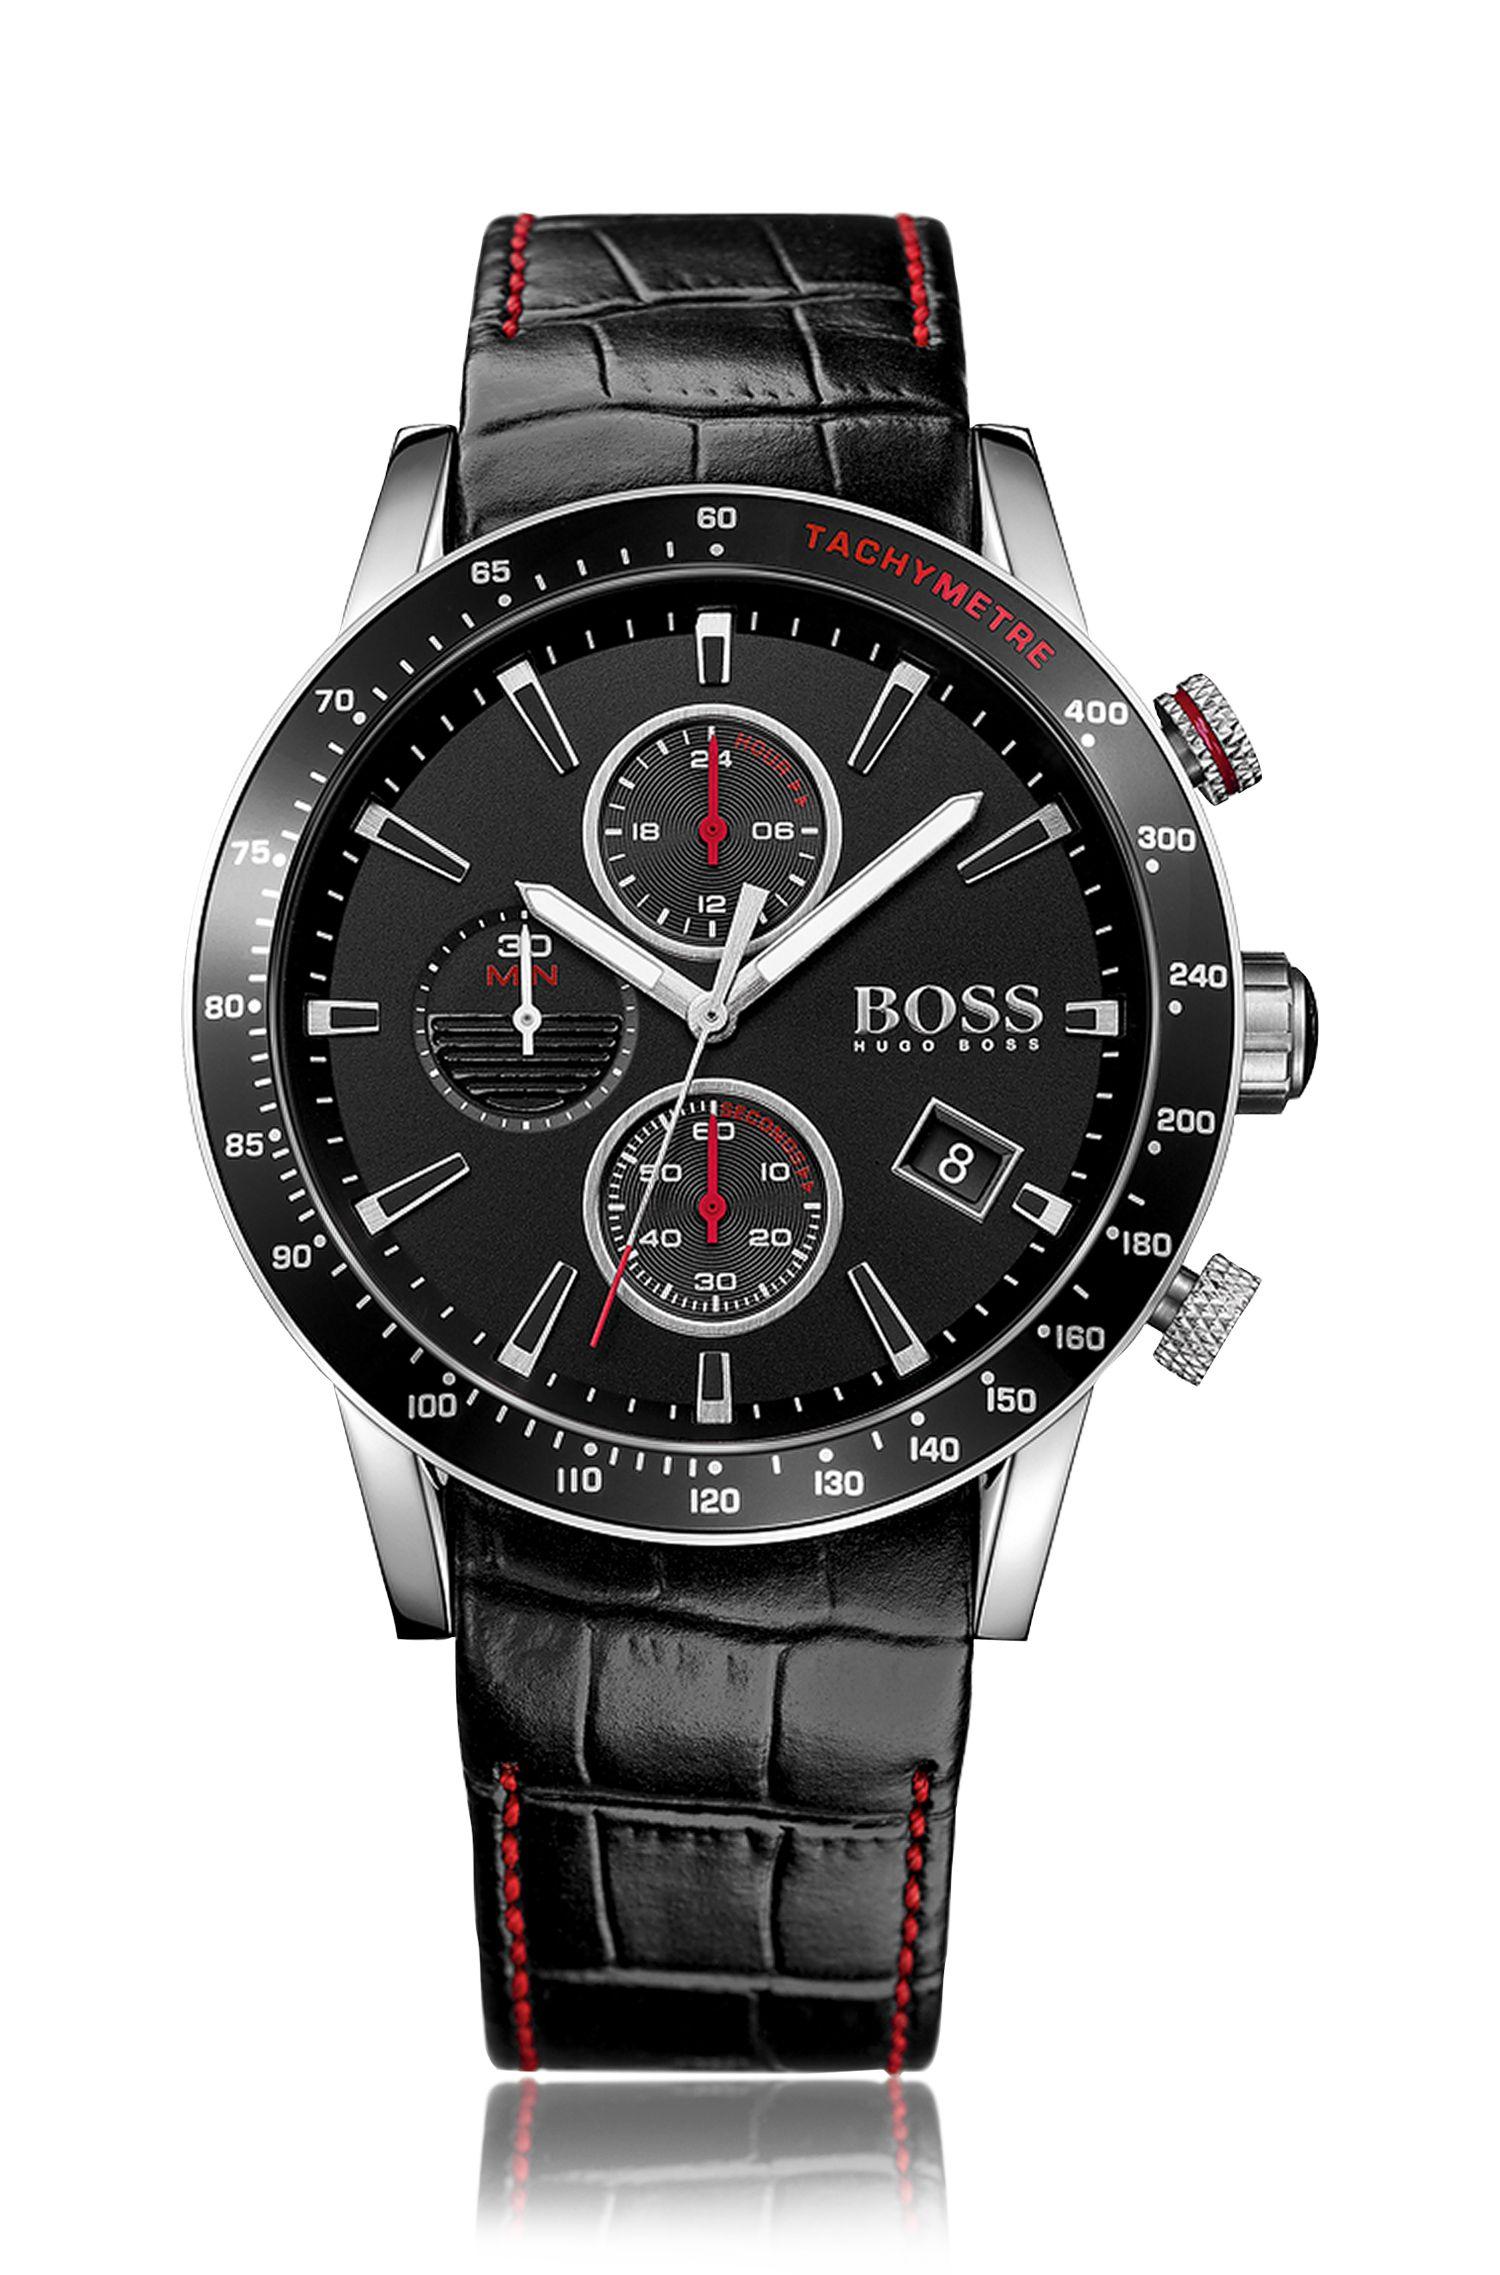 Cronografo in acciaio inossidabile nero con quadrante nero e cinturino in pelle